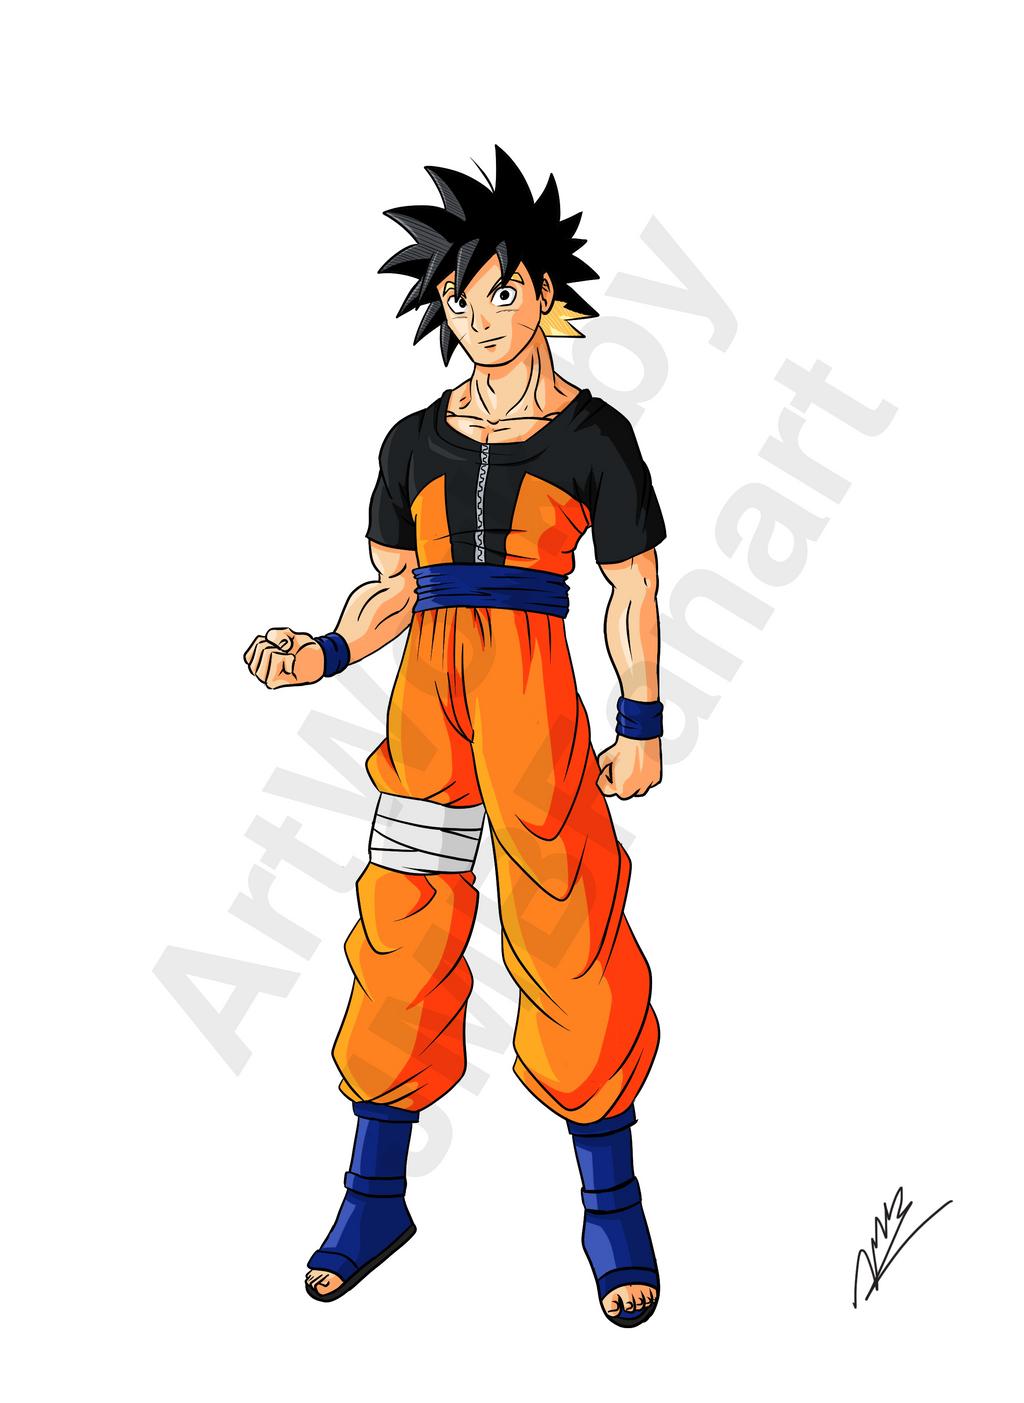 Fondos de Naruto, Imágenes: Naruto (página 4)